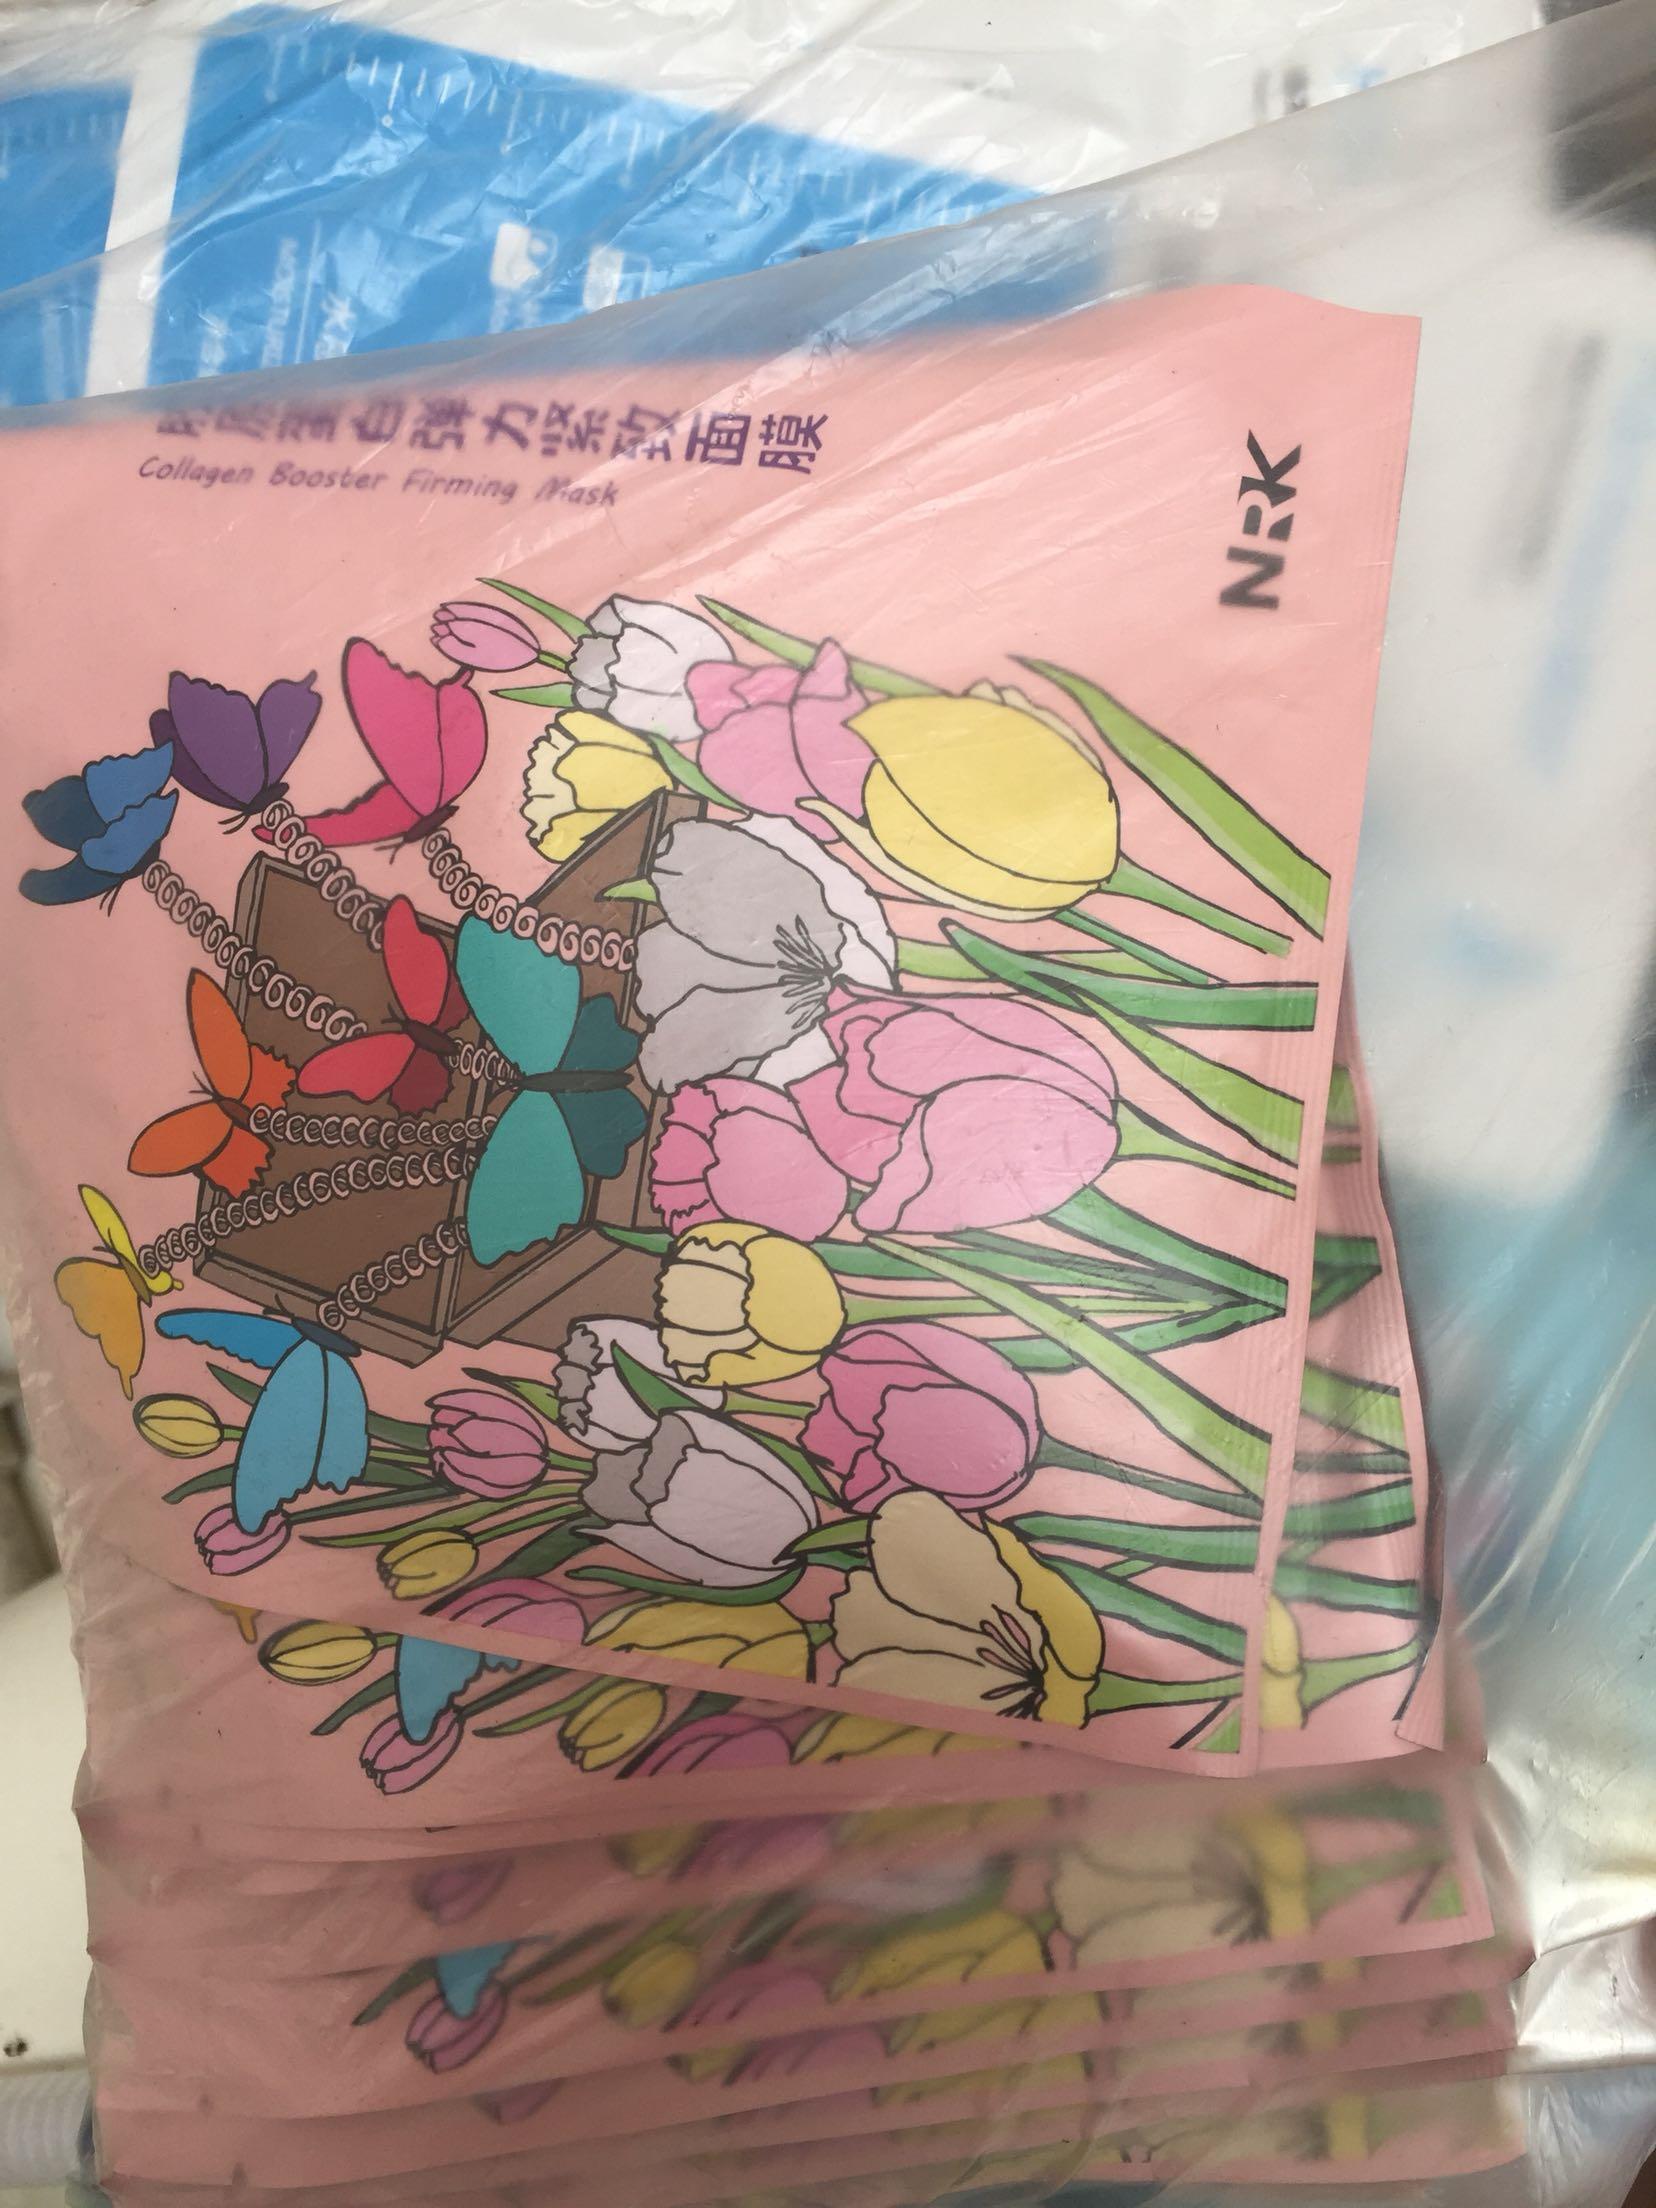 purse stores online 00984663 online